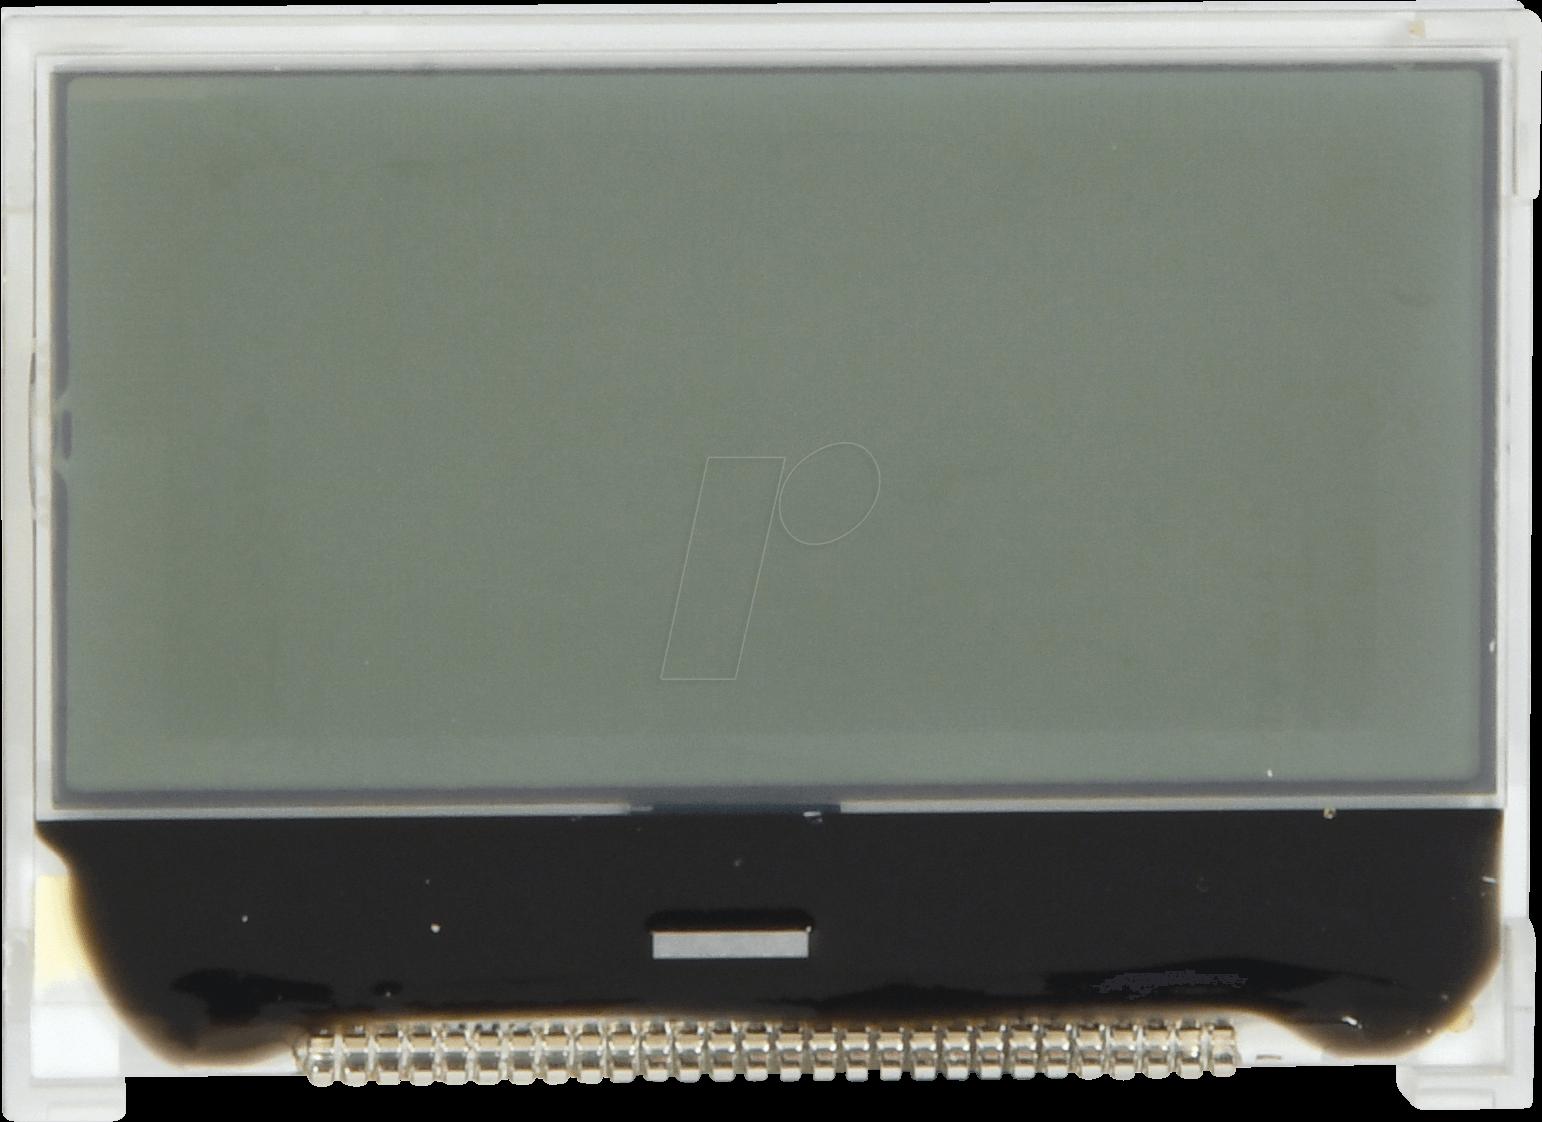 https://cdn-reichelt.de/bilder/web/xxl_ws/A500/LCD_128X64BK_AG.png